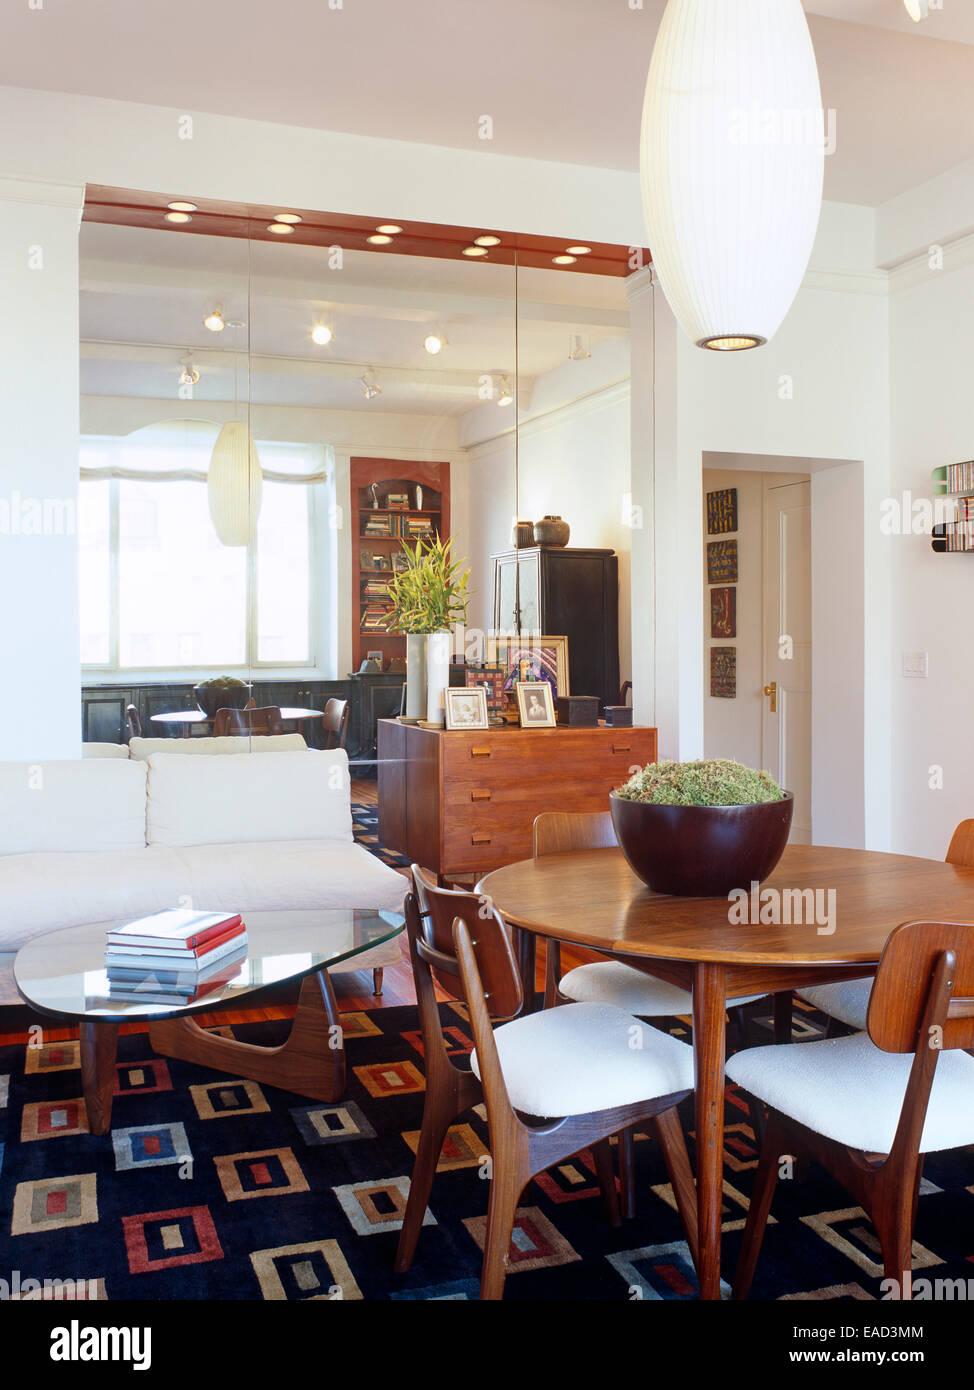 Genial Home Dekor Einrichtungsstil Mitte Jahrhundert Spiegel Tisch Esszimmer  Wohnzimmer Teppich Moderne Leuchte Stuhl